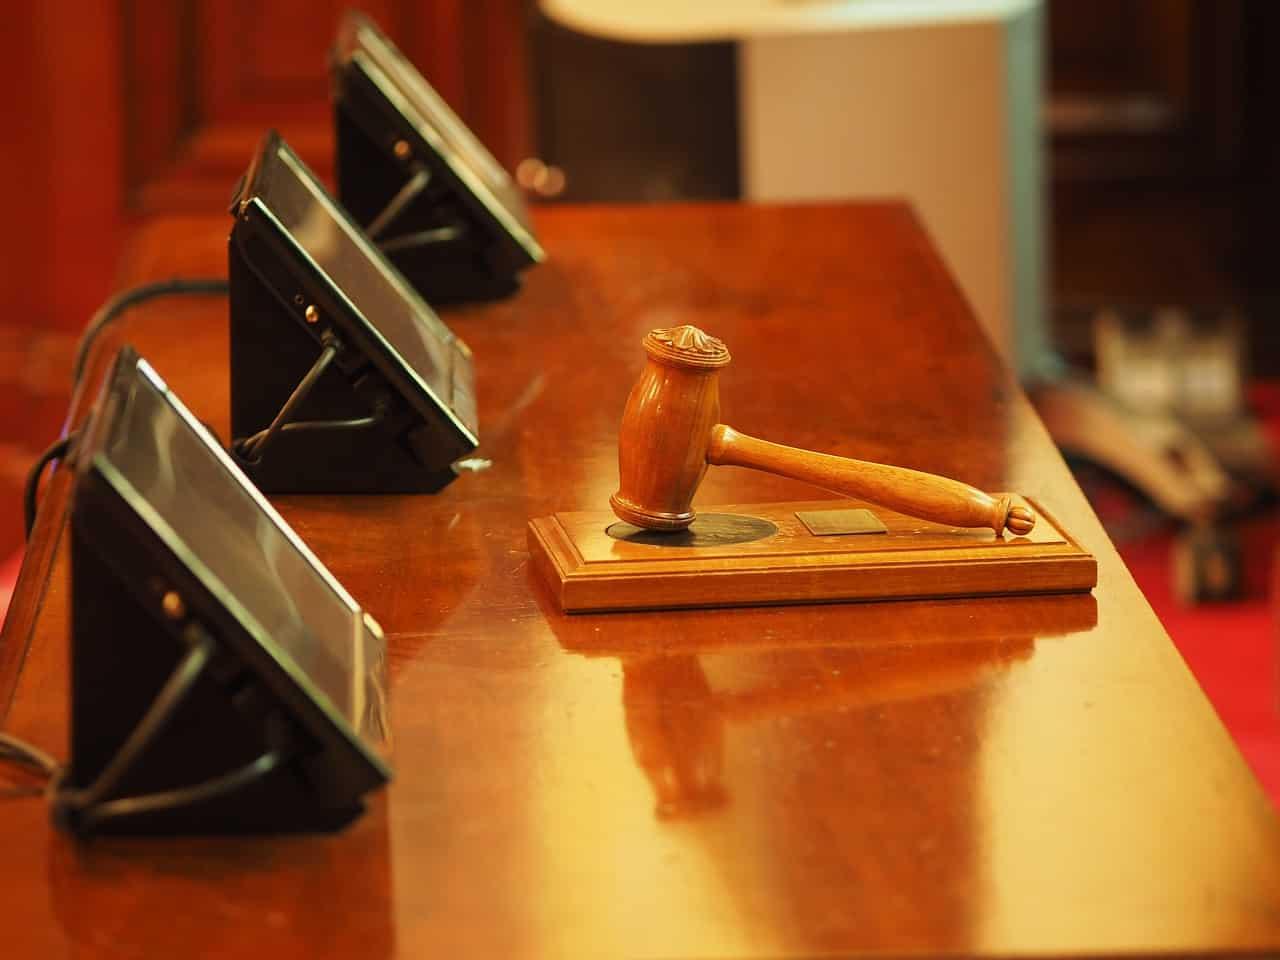 שולחן דיונים בבית משפט עם פטיש של שופט